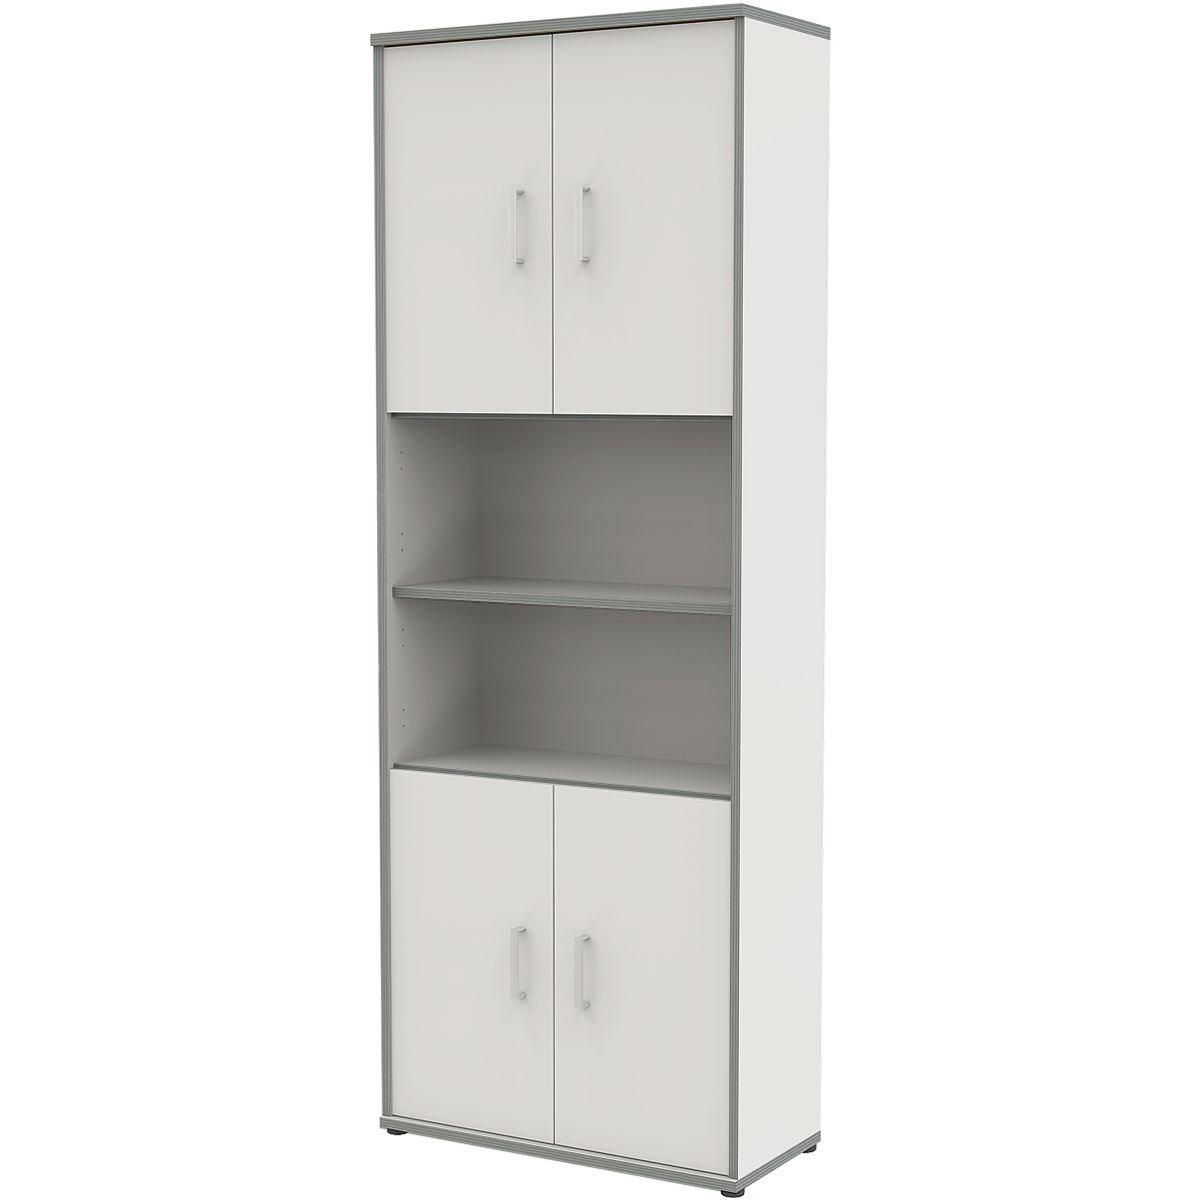 posseik Aktenschränke online kaufen | Möbel-Suchmaschine ...